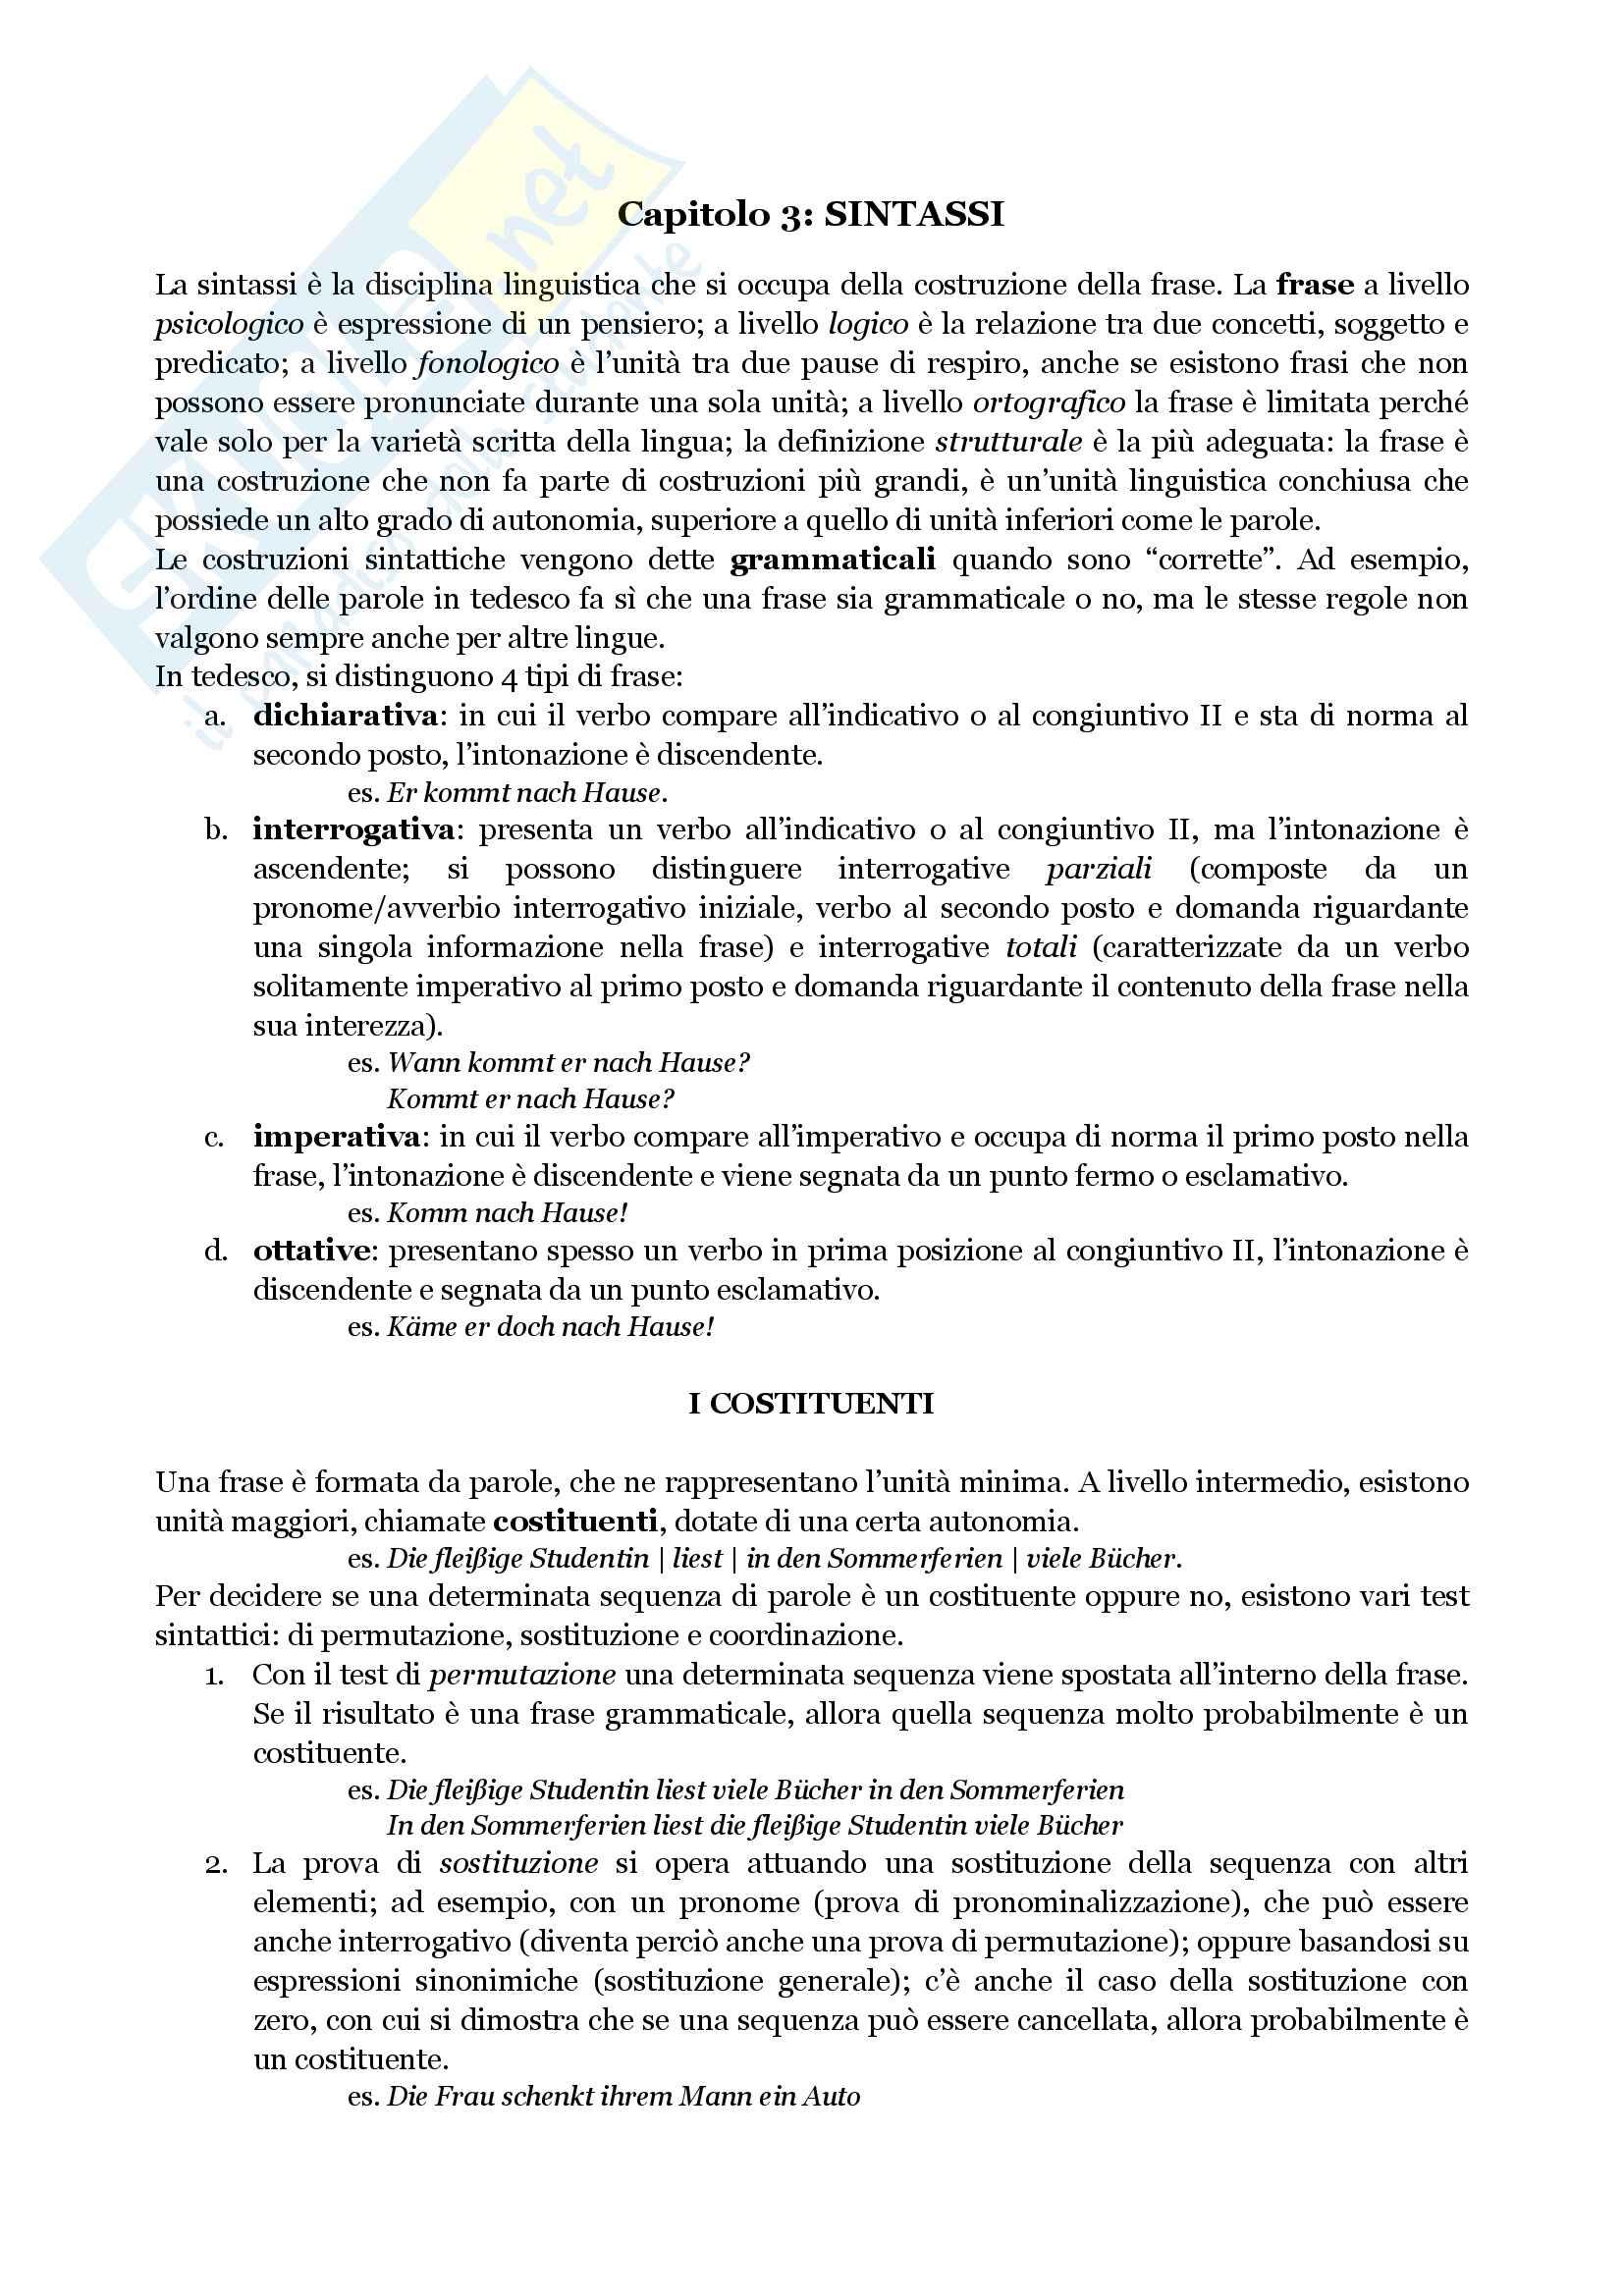 """Riassunto per l'esame di Lingua Tedesca II, prof. Di Meola, libro consigliato """"Linguistica Tedesca"""", cap. 3 e 4, Di Meola"""